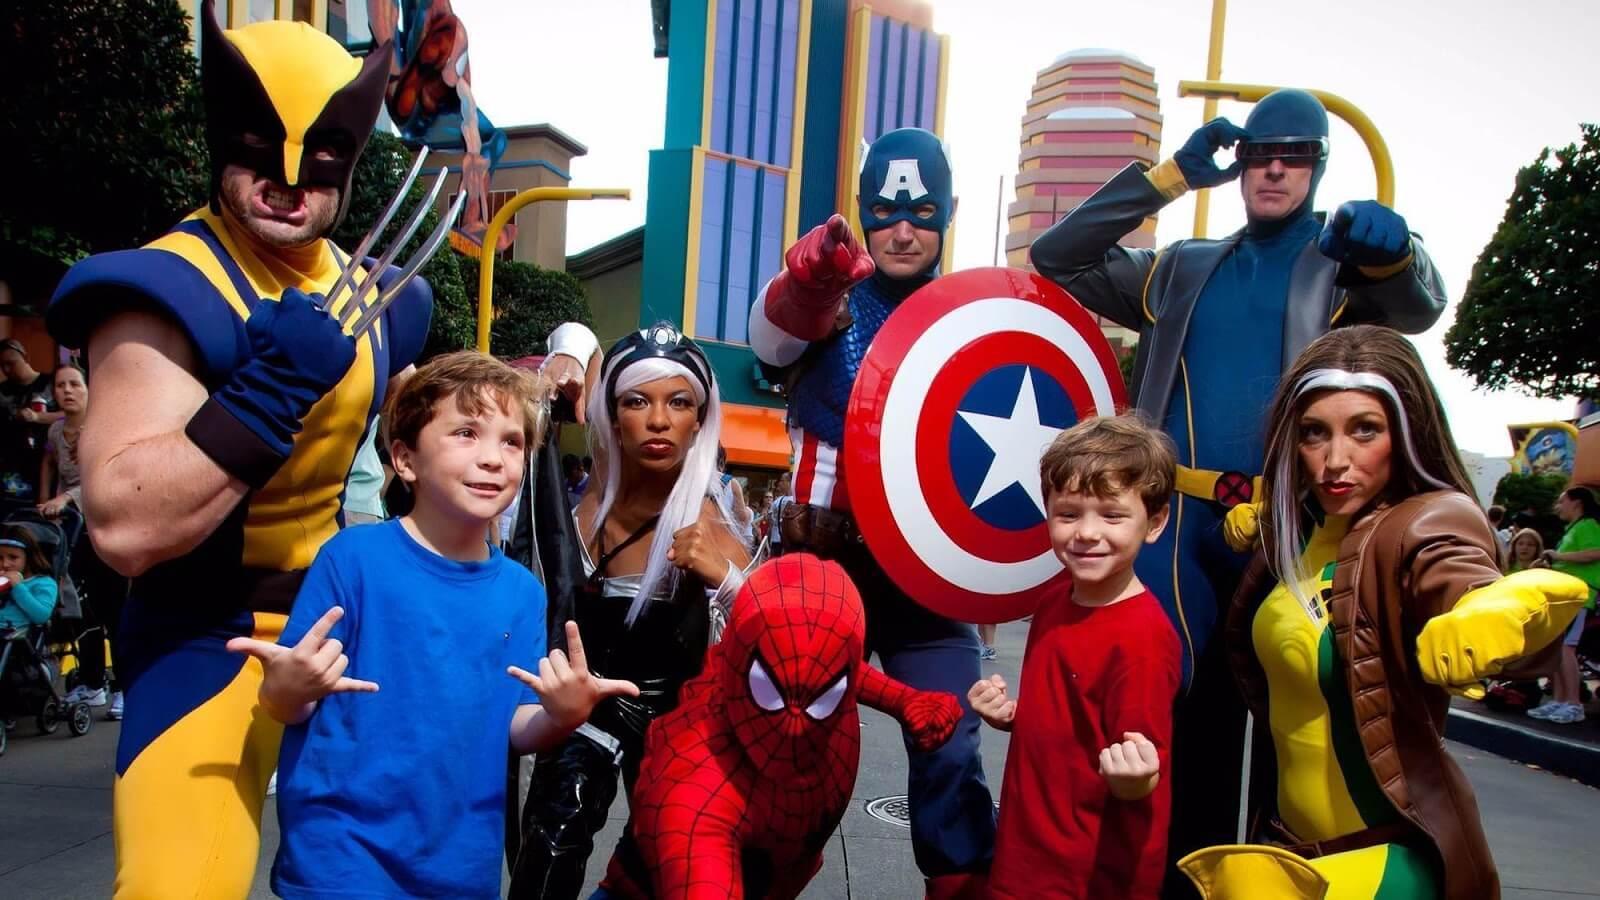 Novos preços dos ingressos da Universal Orlando em 2019: Marvel Character Dinner